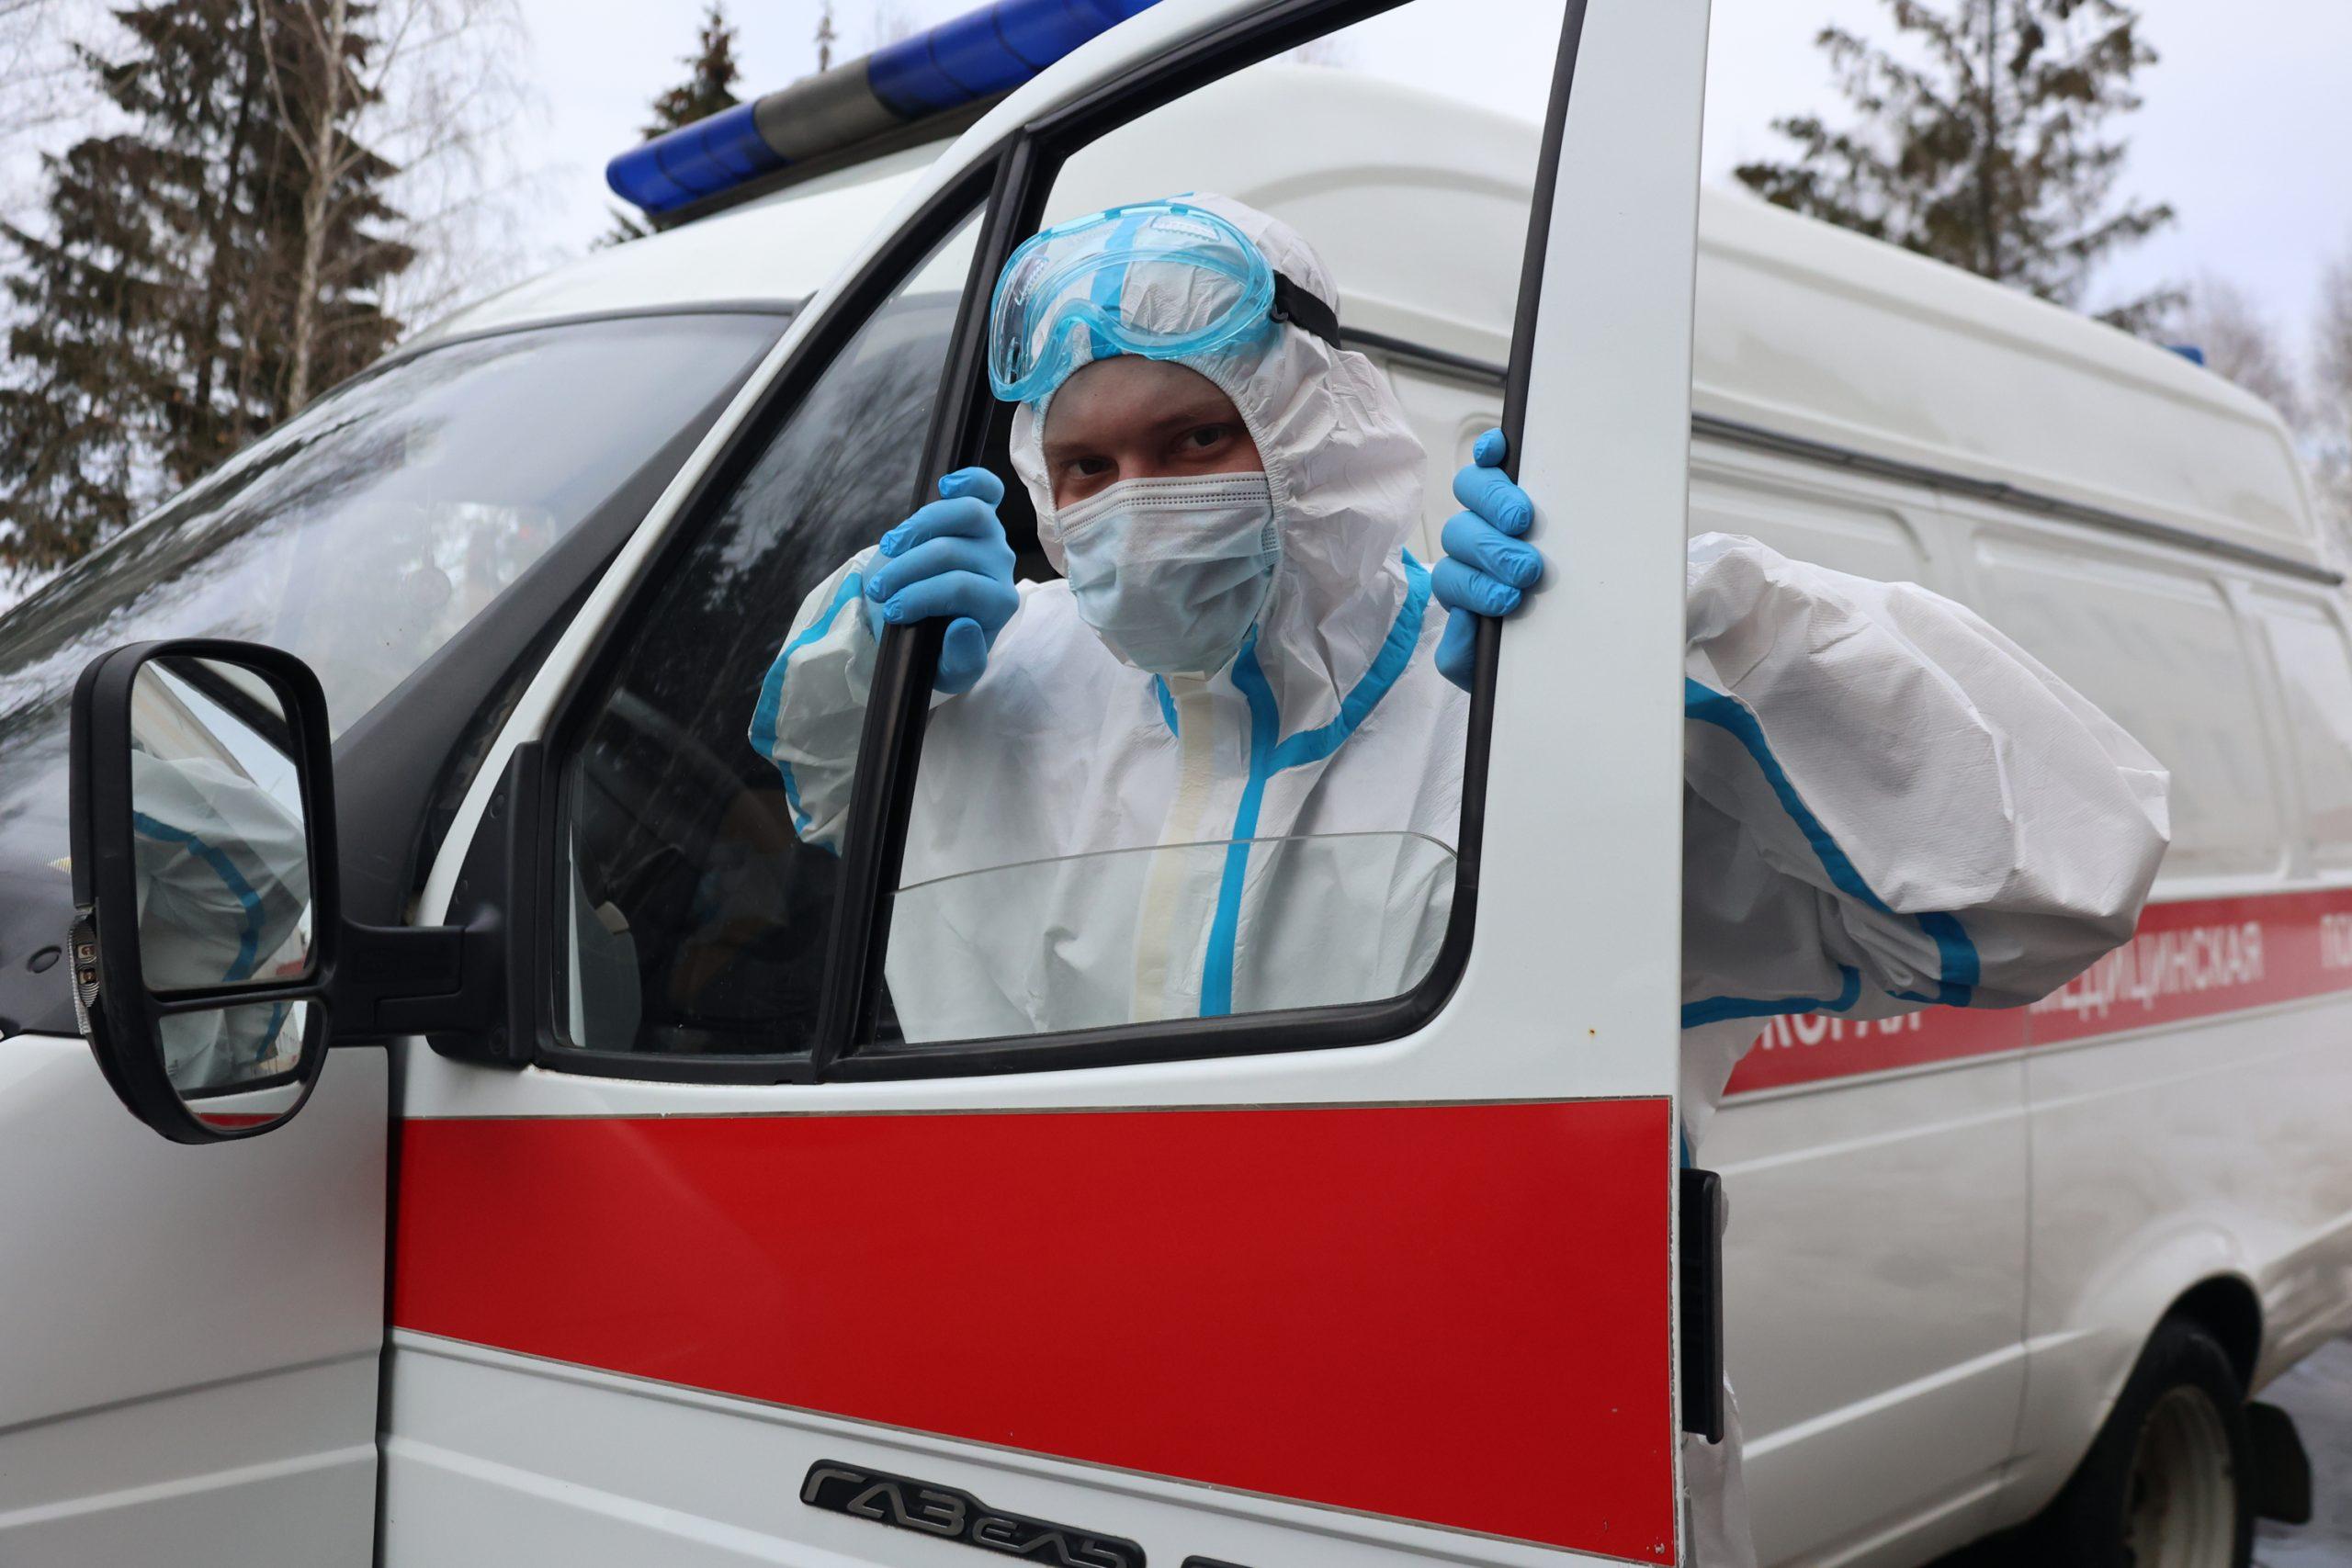 Подстанцию скорой помощи ввели в эксплуатацию на юге Москвы